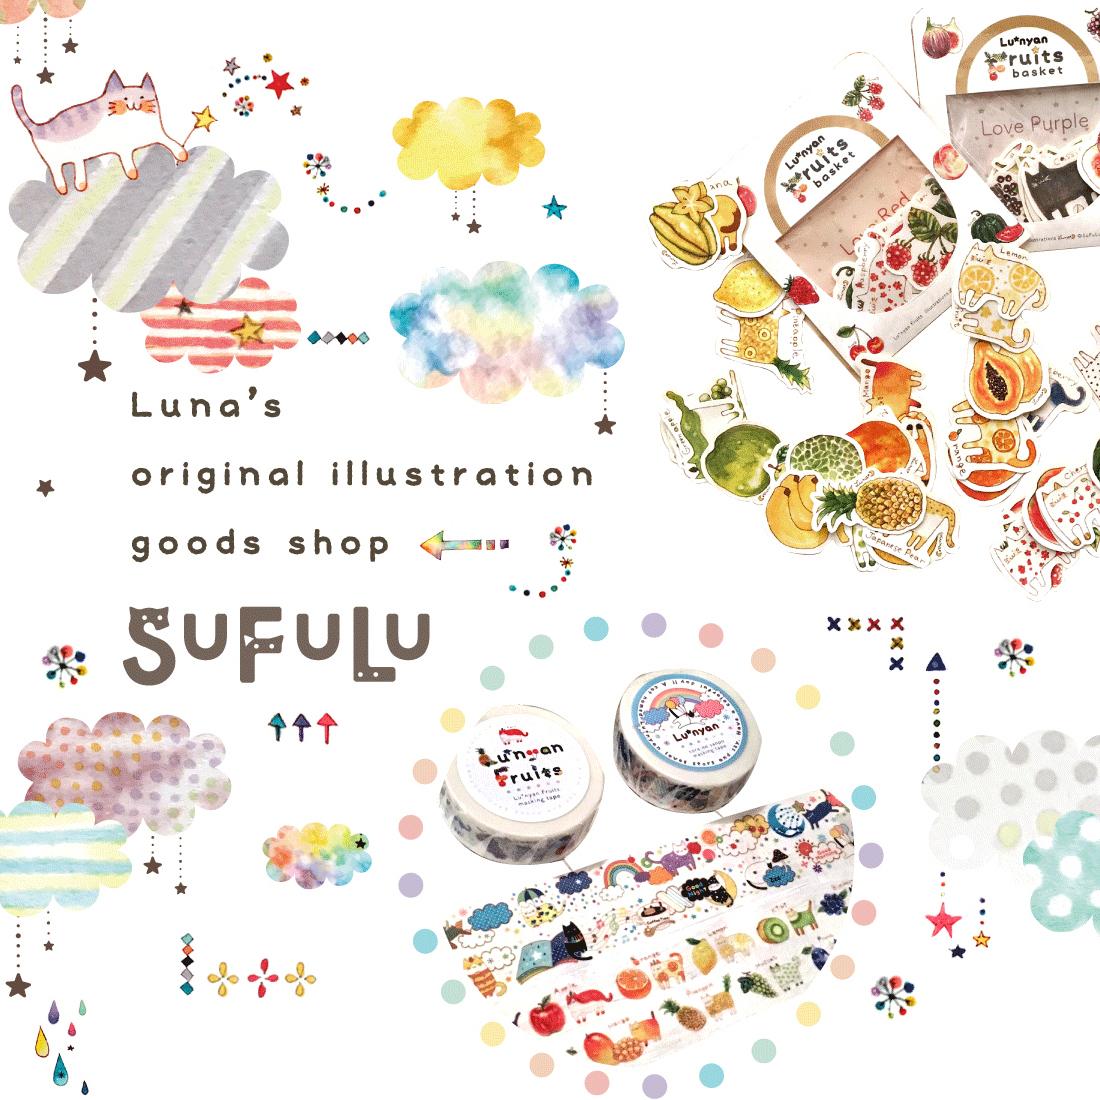 Lunaのオリジナルイラスト雑貨店 『SuFuLu -スフル-』福井の女性を応援するくらし情報、くらしくふくい。